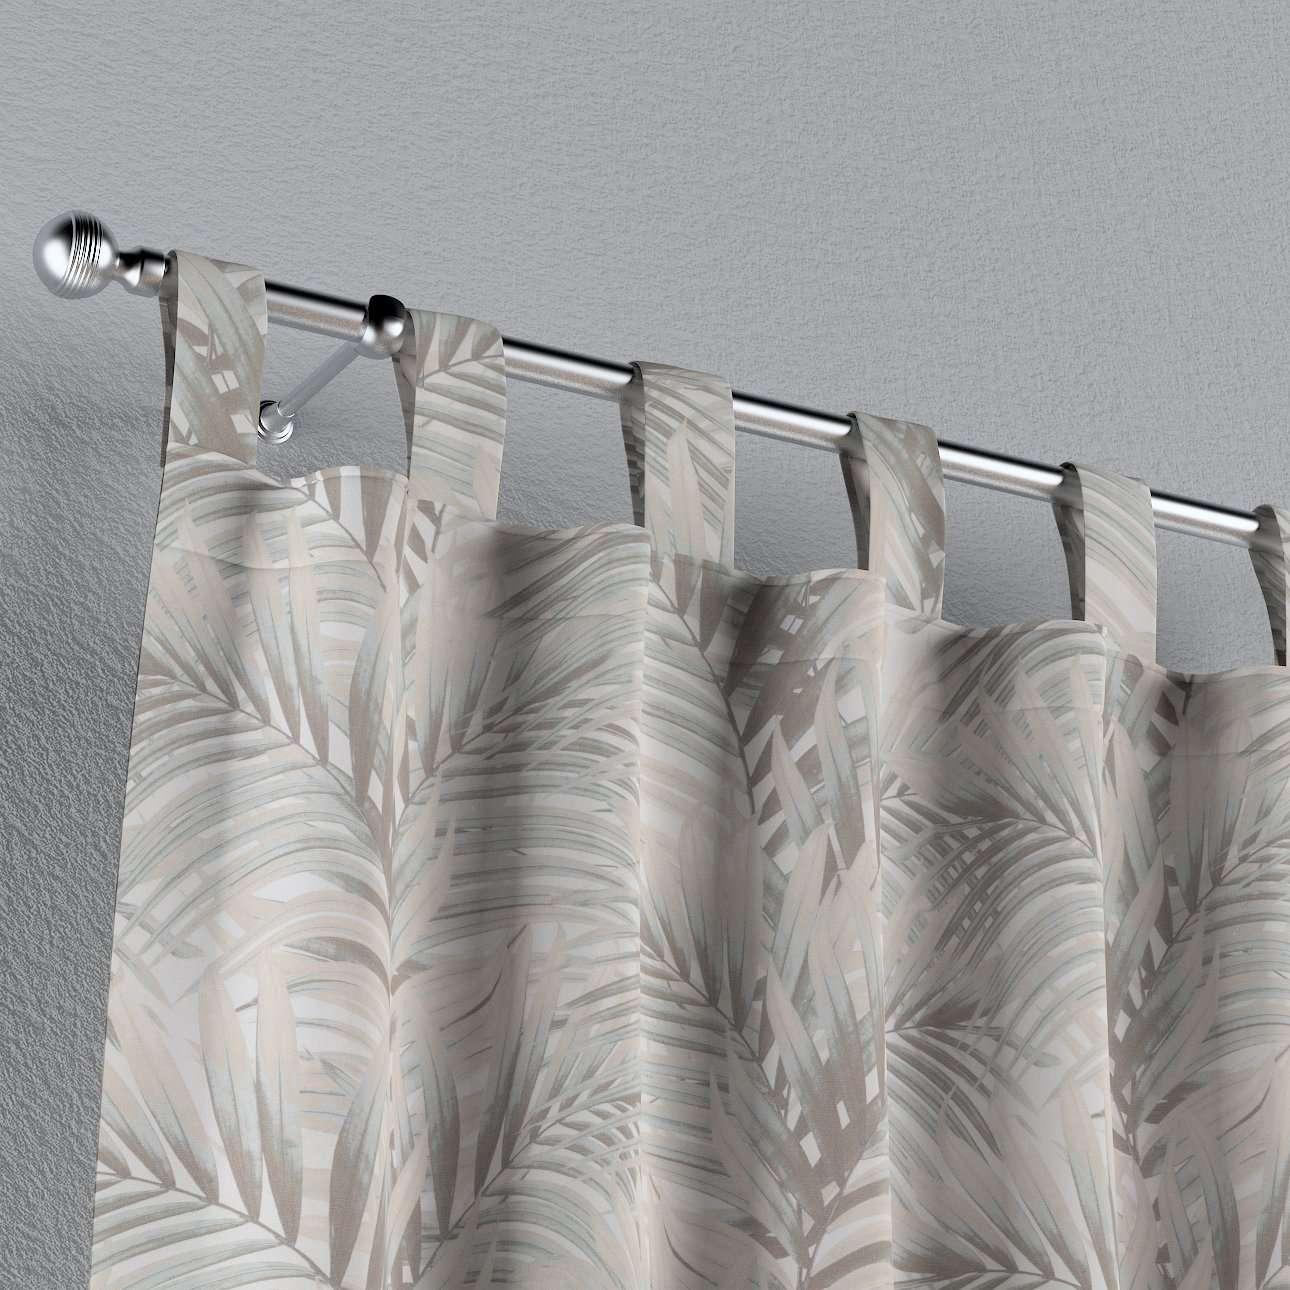 Zasłona na szelkach 1 szt. w kolekcji Gardenia, tkanina: 142-14